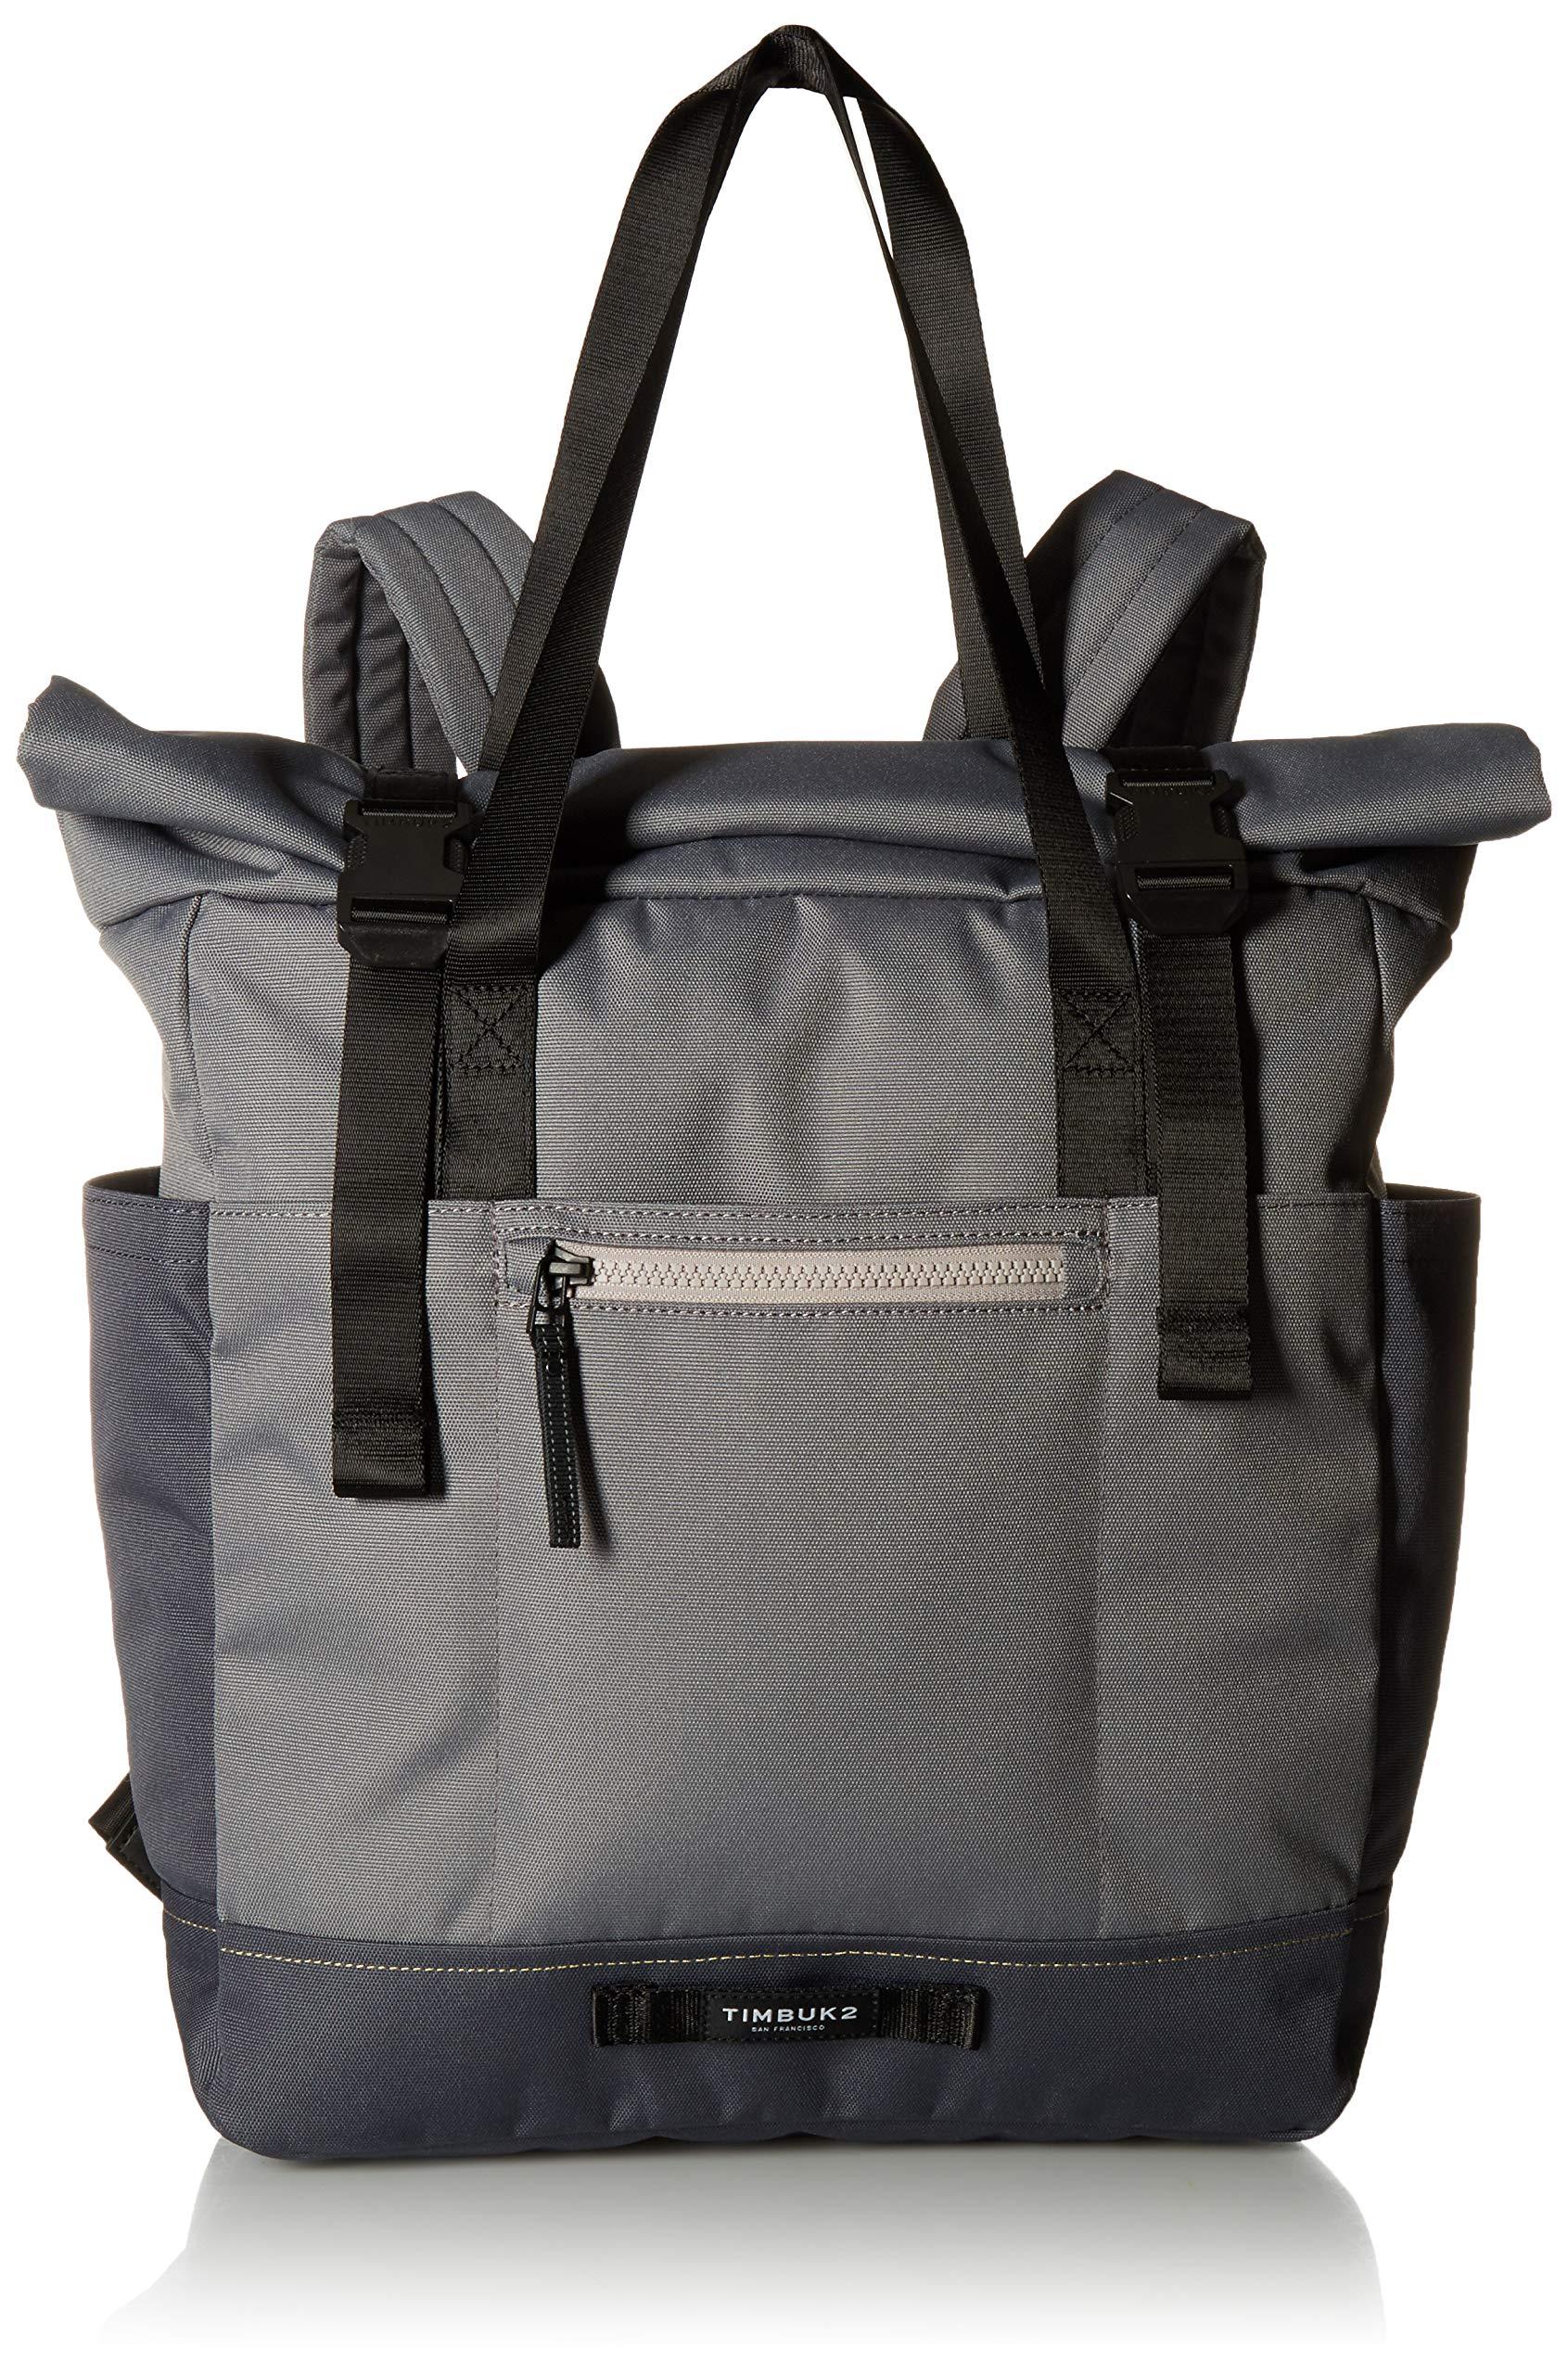 Timbuk2 Forge Backpack Tote, Sidewalk, One Size